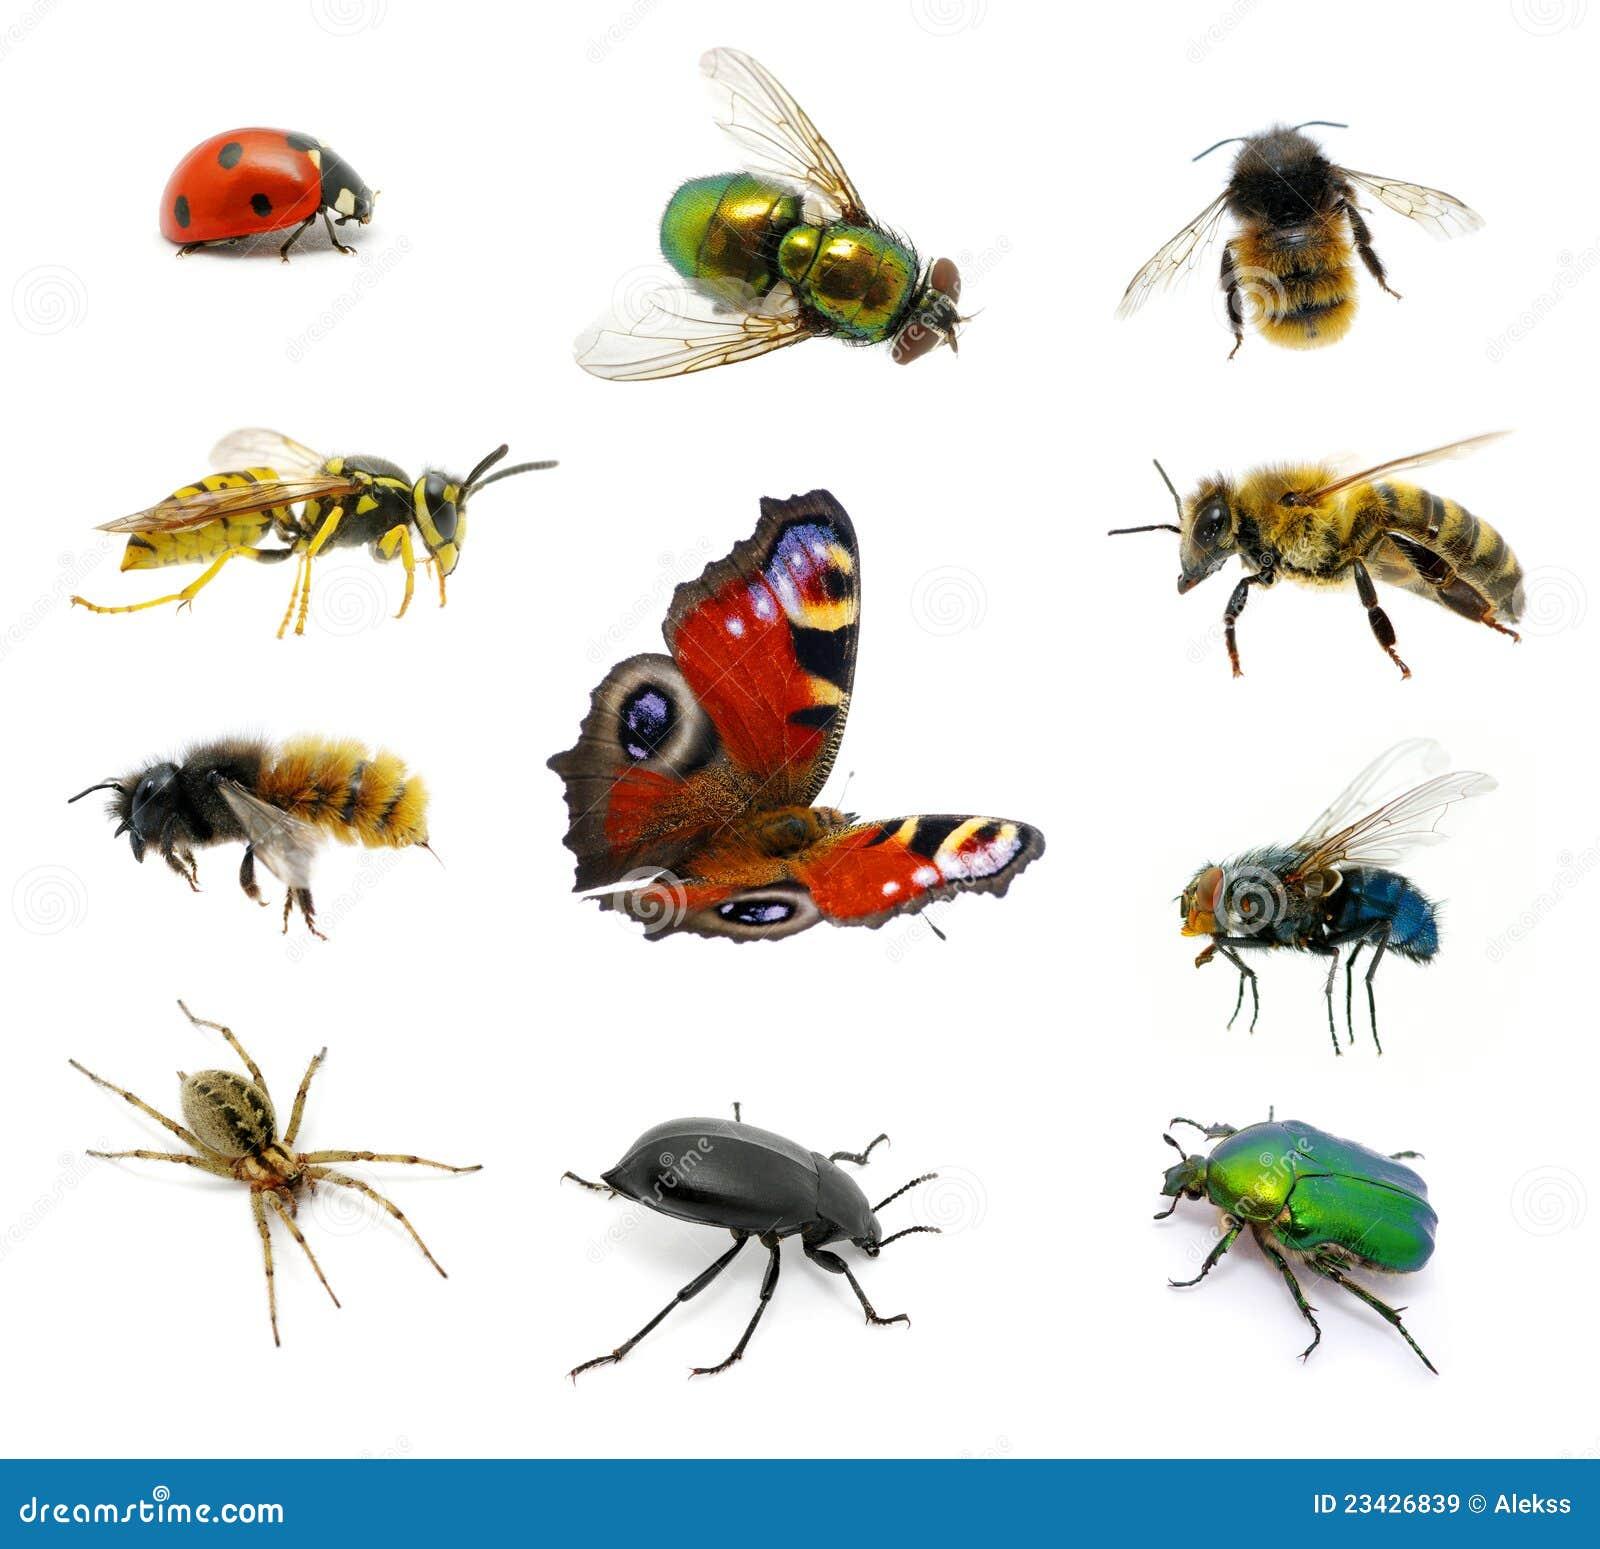 Conjunto de insectos imagen de archivo imagen de conjunto - Insectos en casa fotos ...